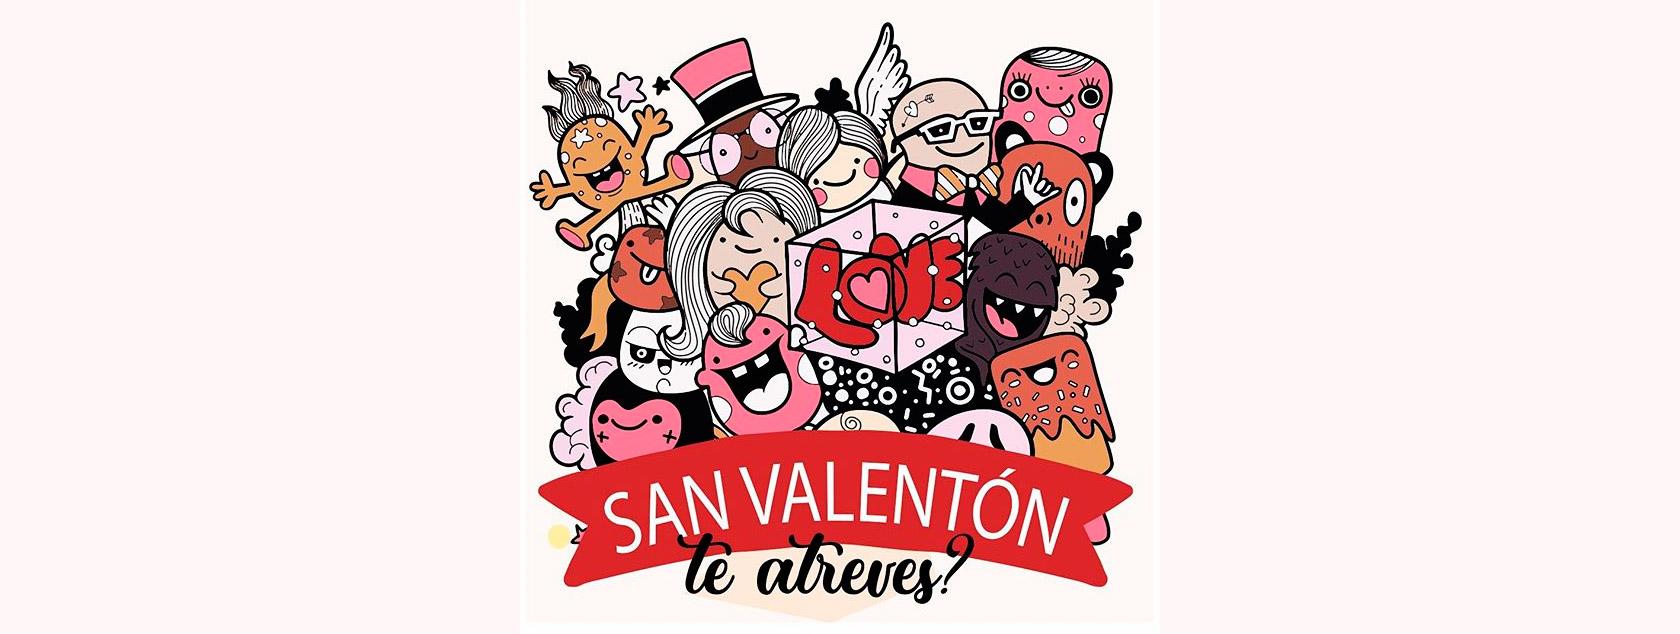 Bases campaña promocional SAN VALENTÓN